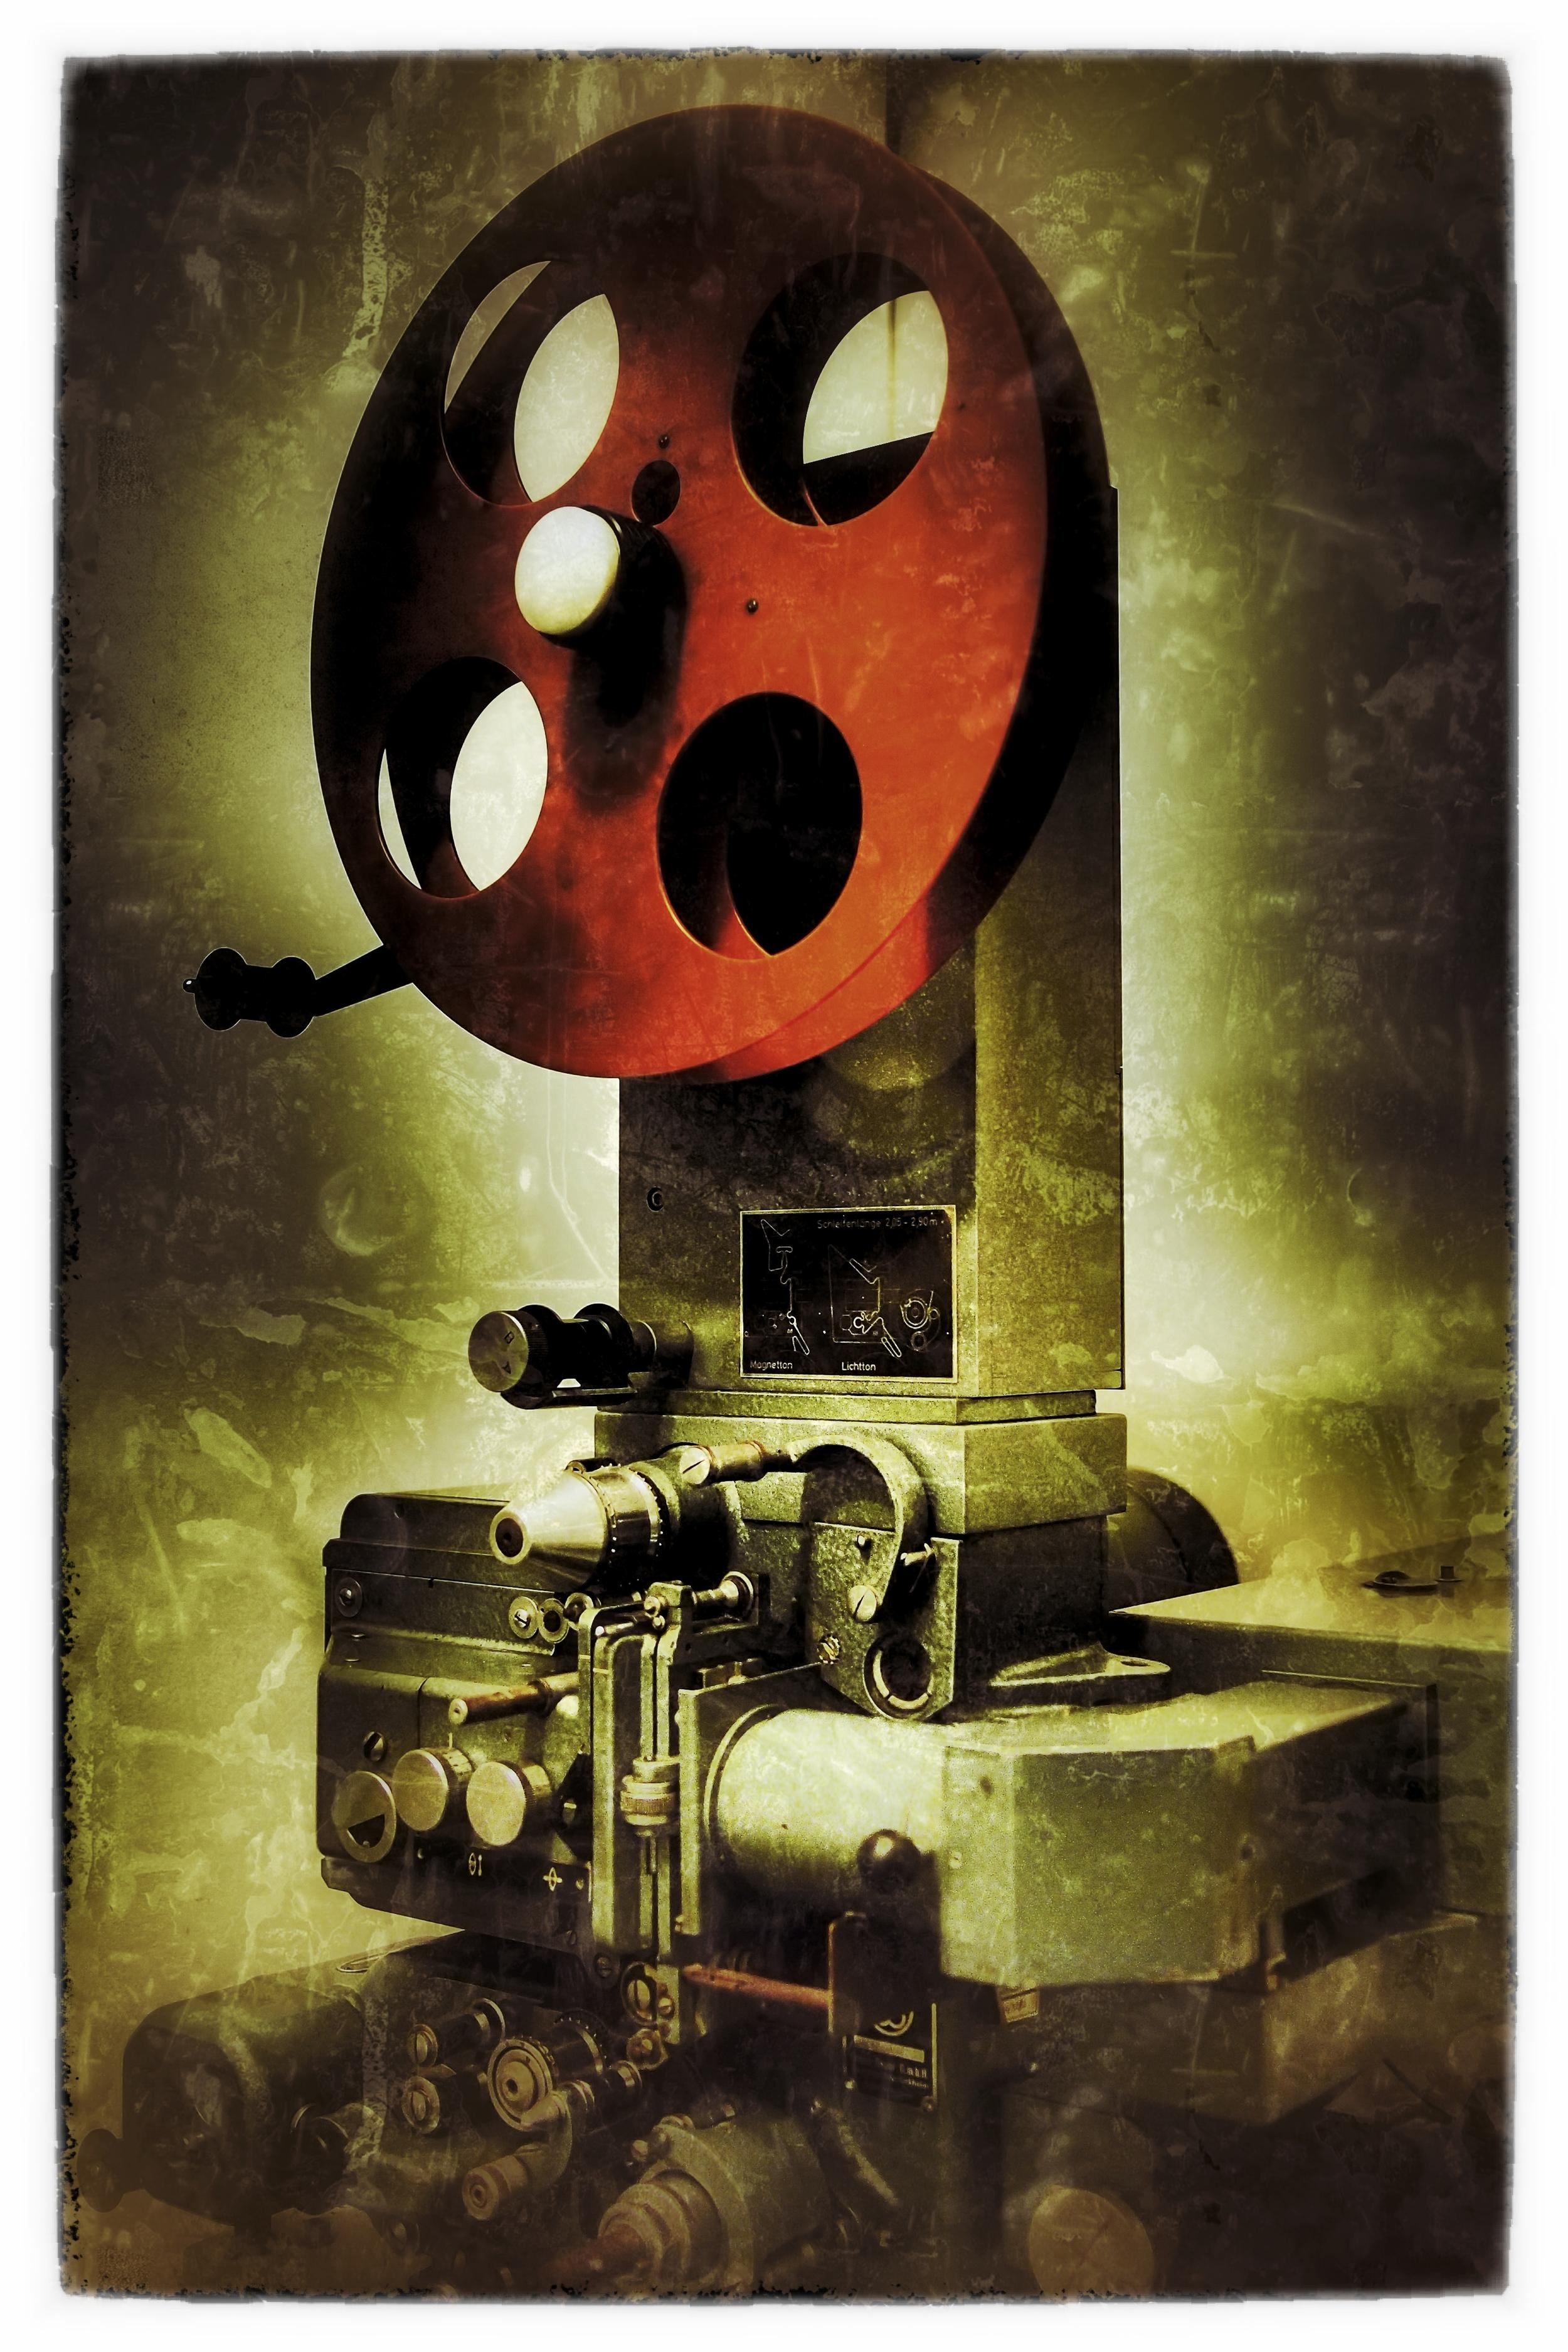 Łódź     : Film Museum